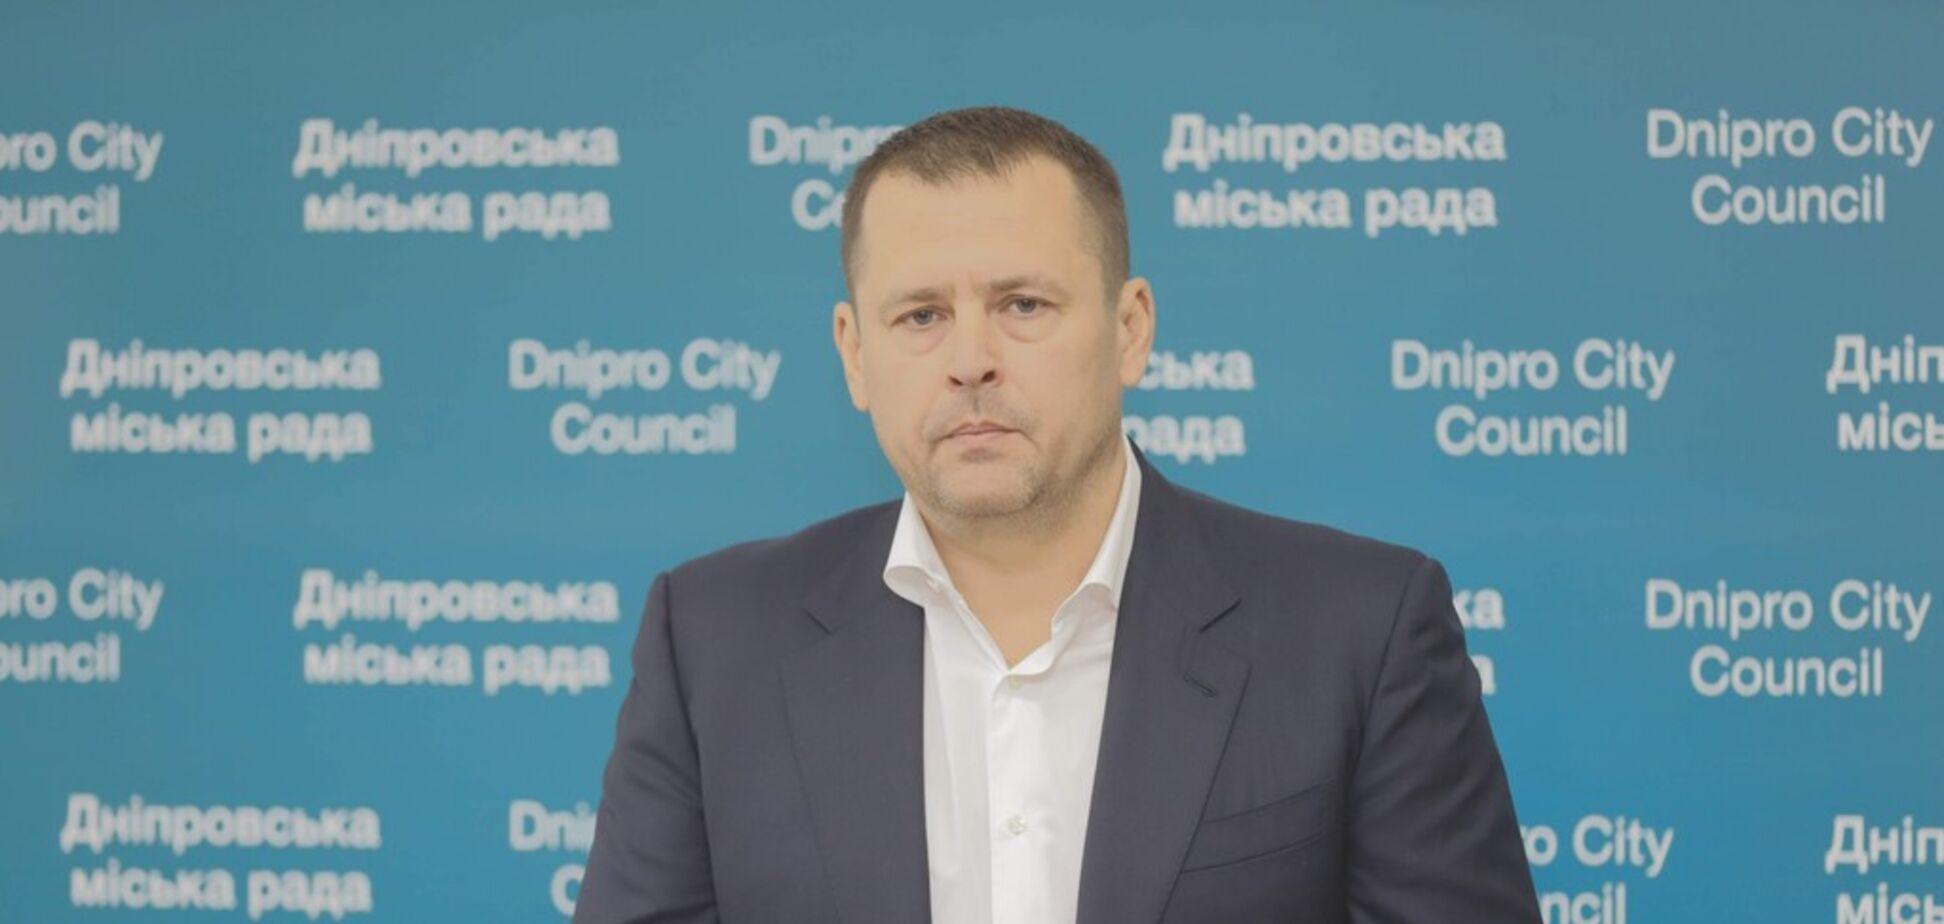 'Сдержанно пессимистический': мэр Днепра высказался об особенностях бюджета города на 2020 год